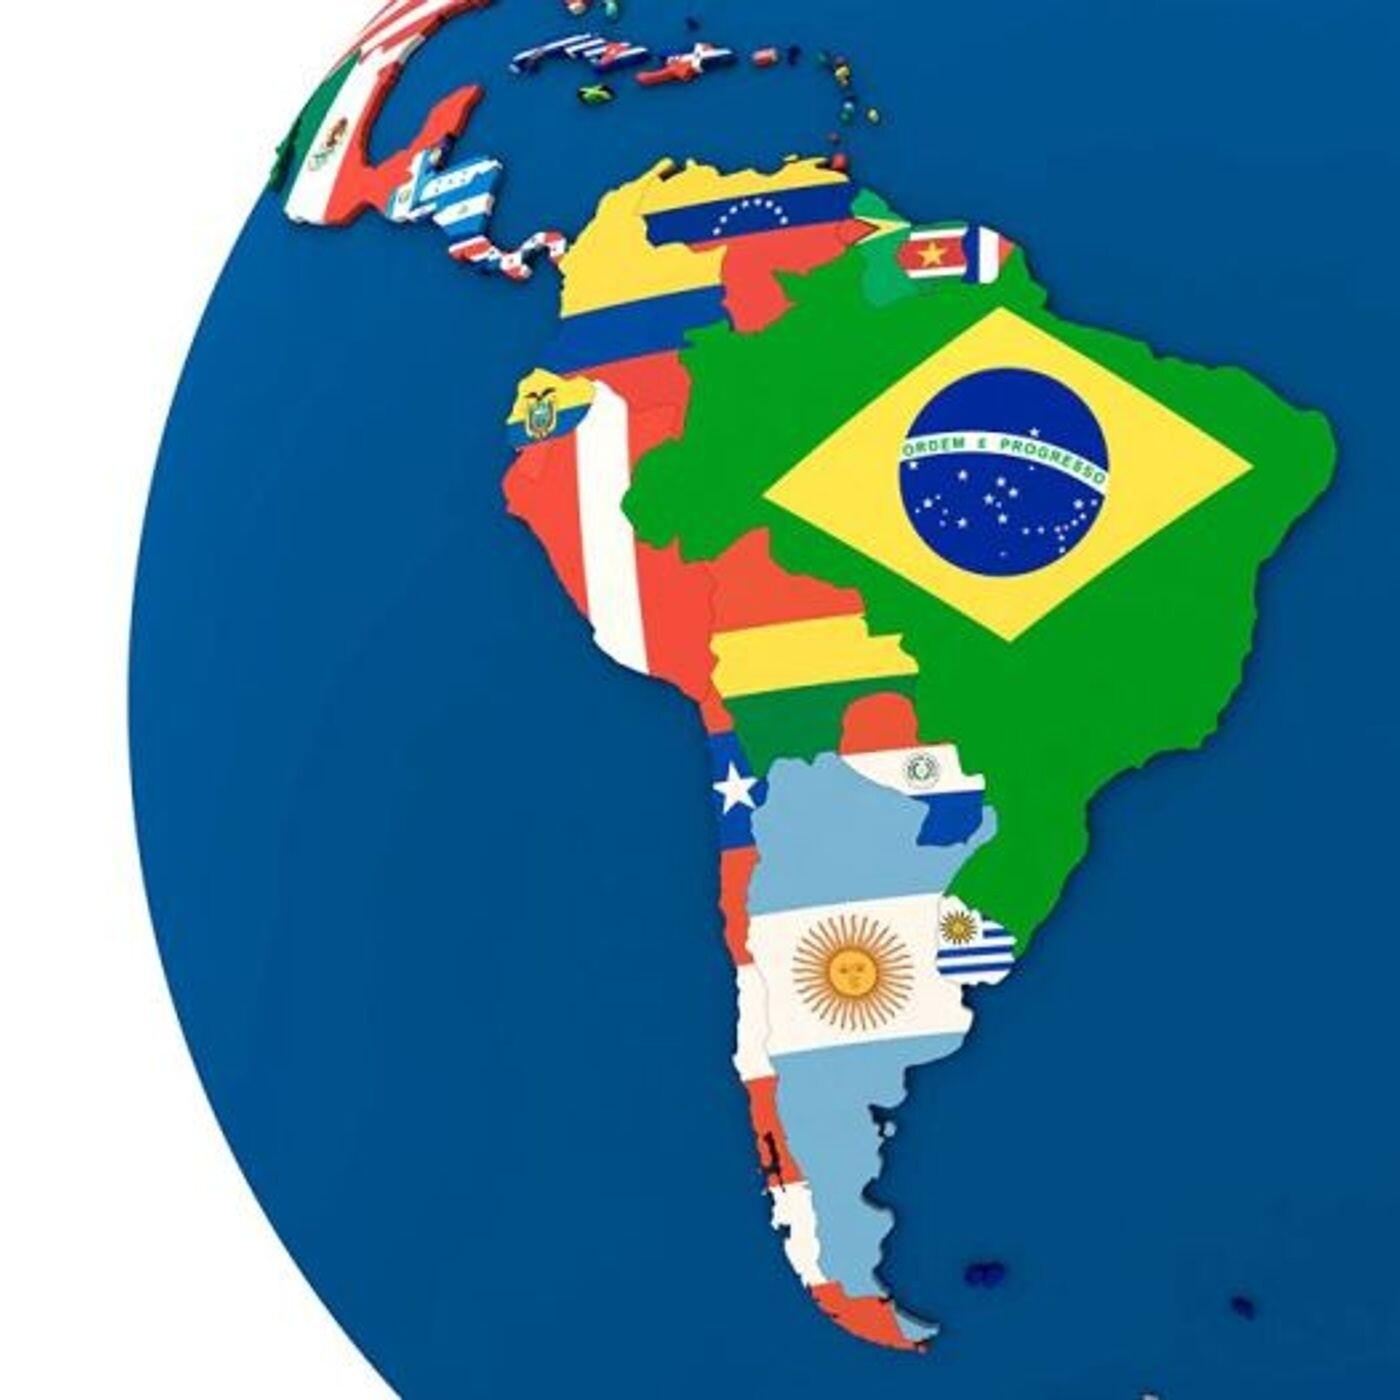 Las noticias de la SER, 02:00 (21/10/2020)